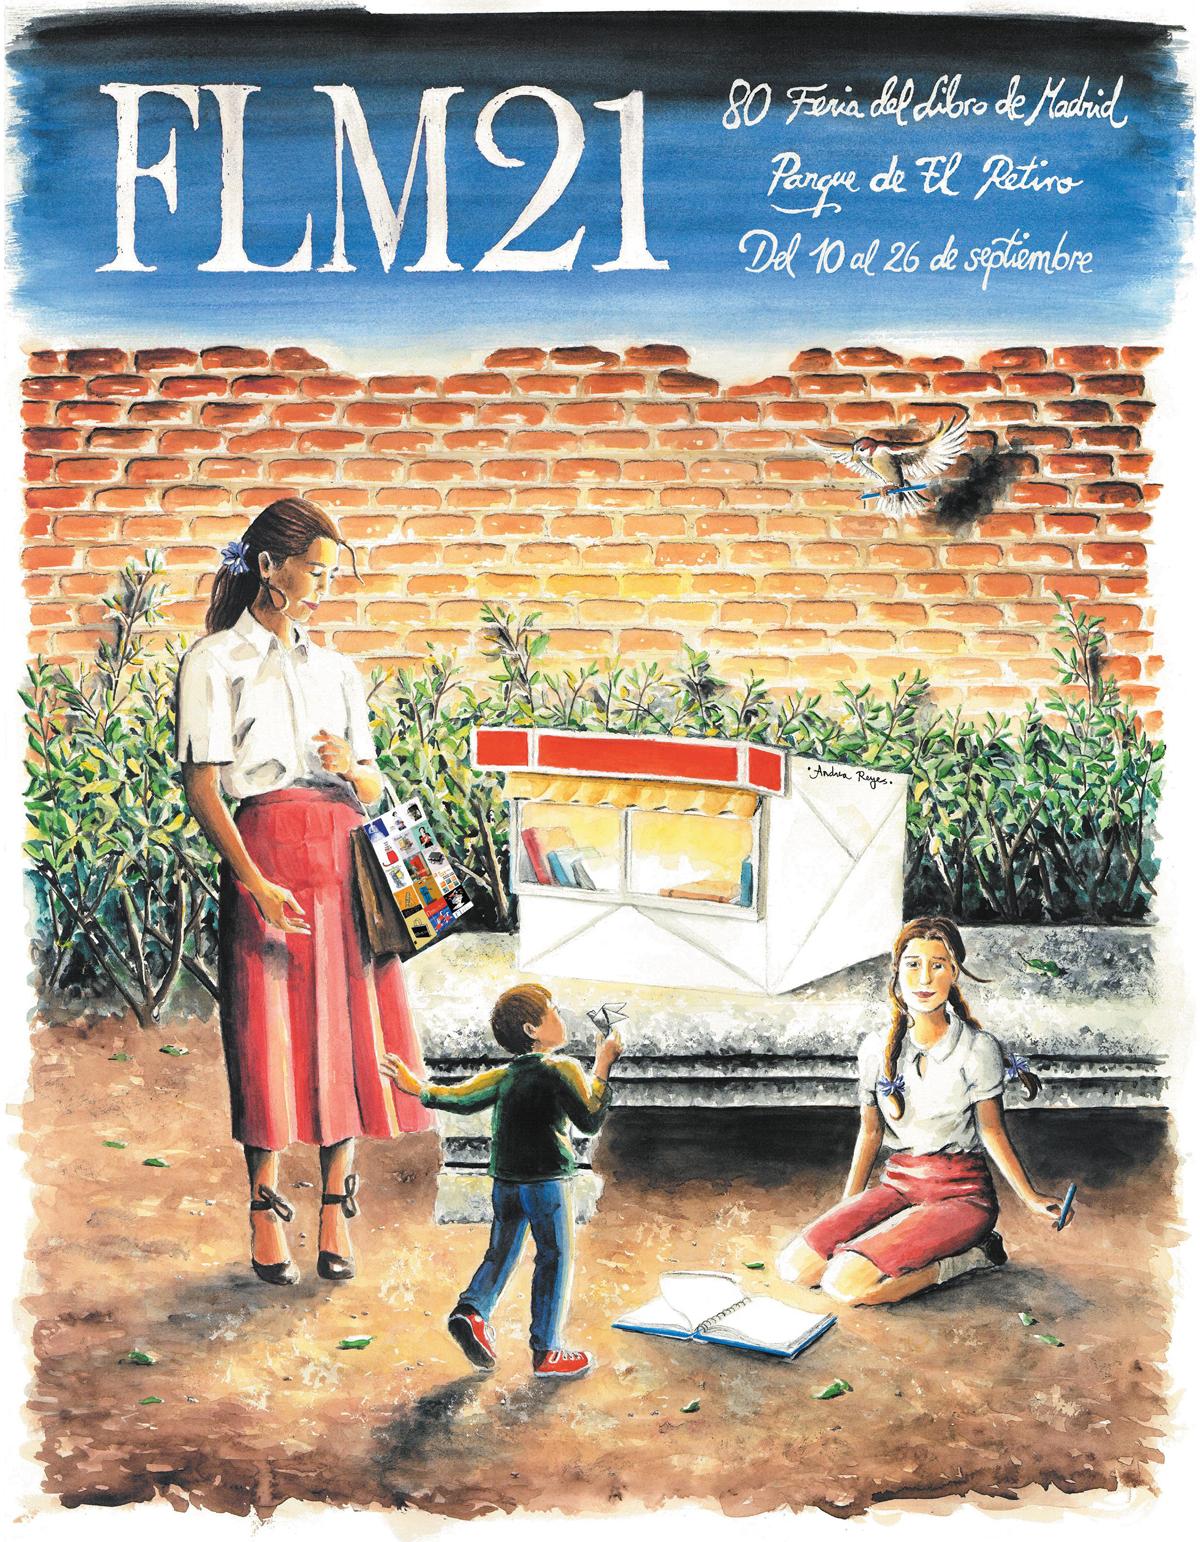 Cartel de la 80ª  edición de la Feria del Libro de Madrid 2021